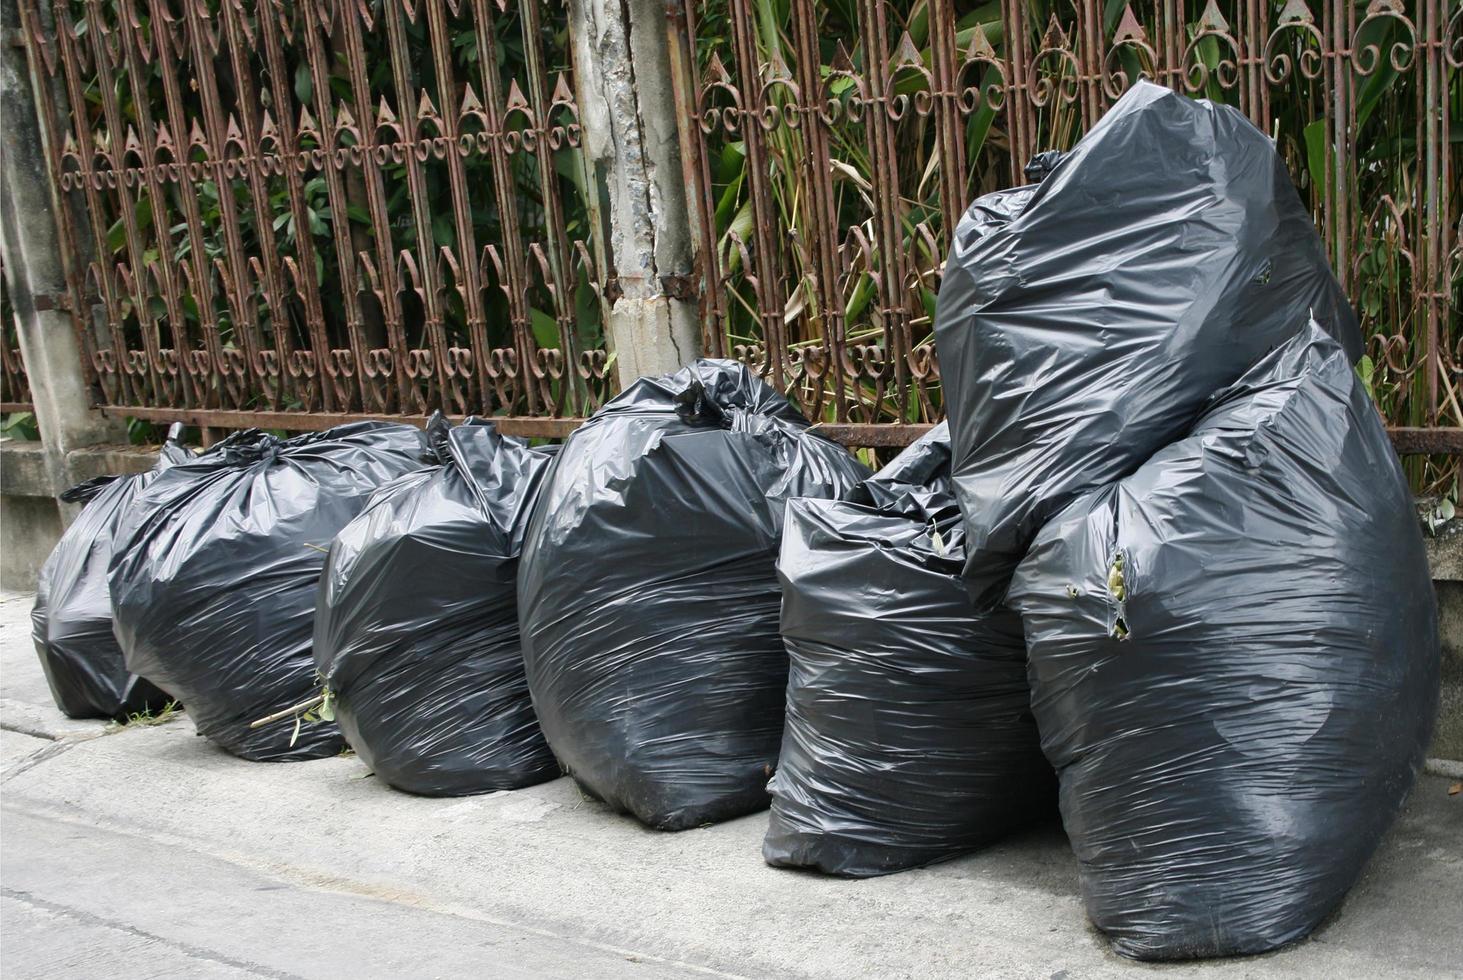 fila di sacchi della spazzatura all'esterno foto